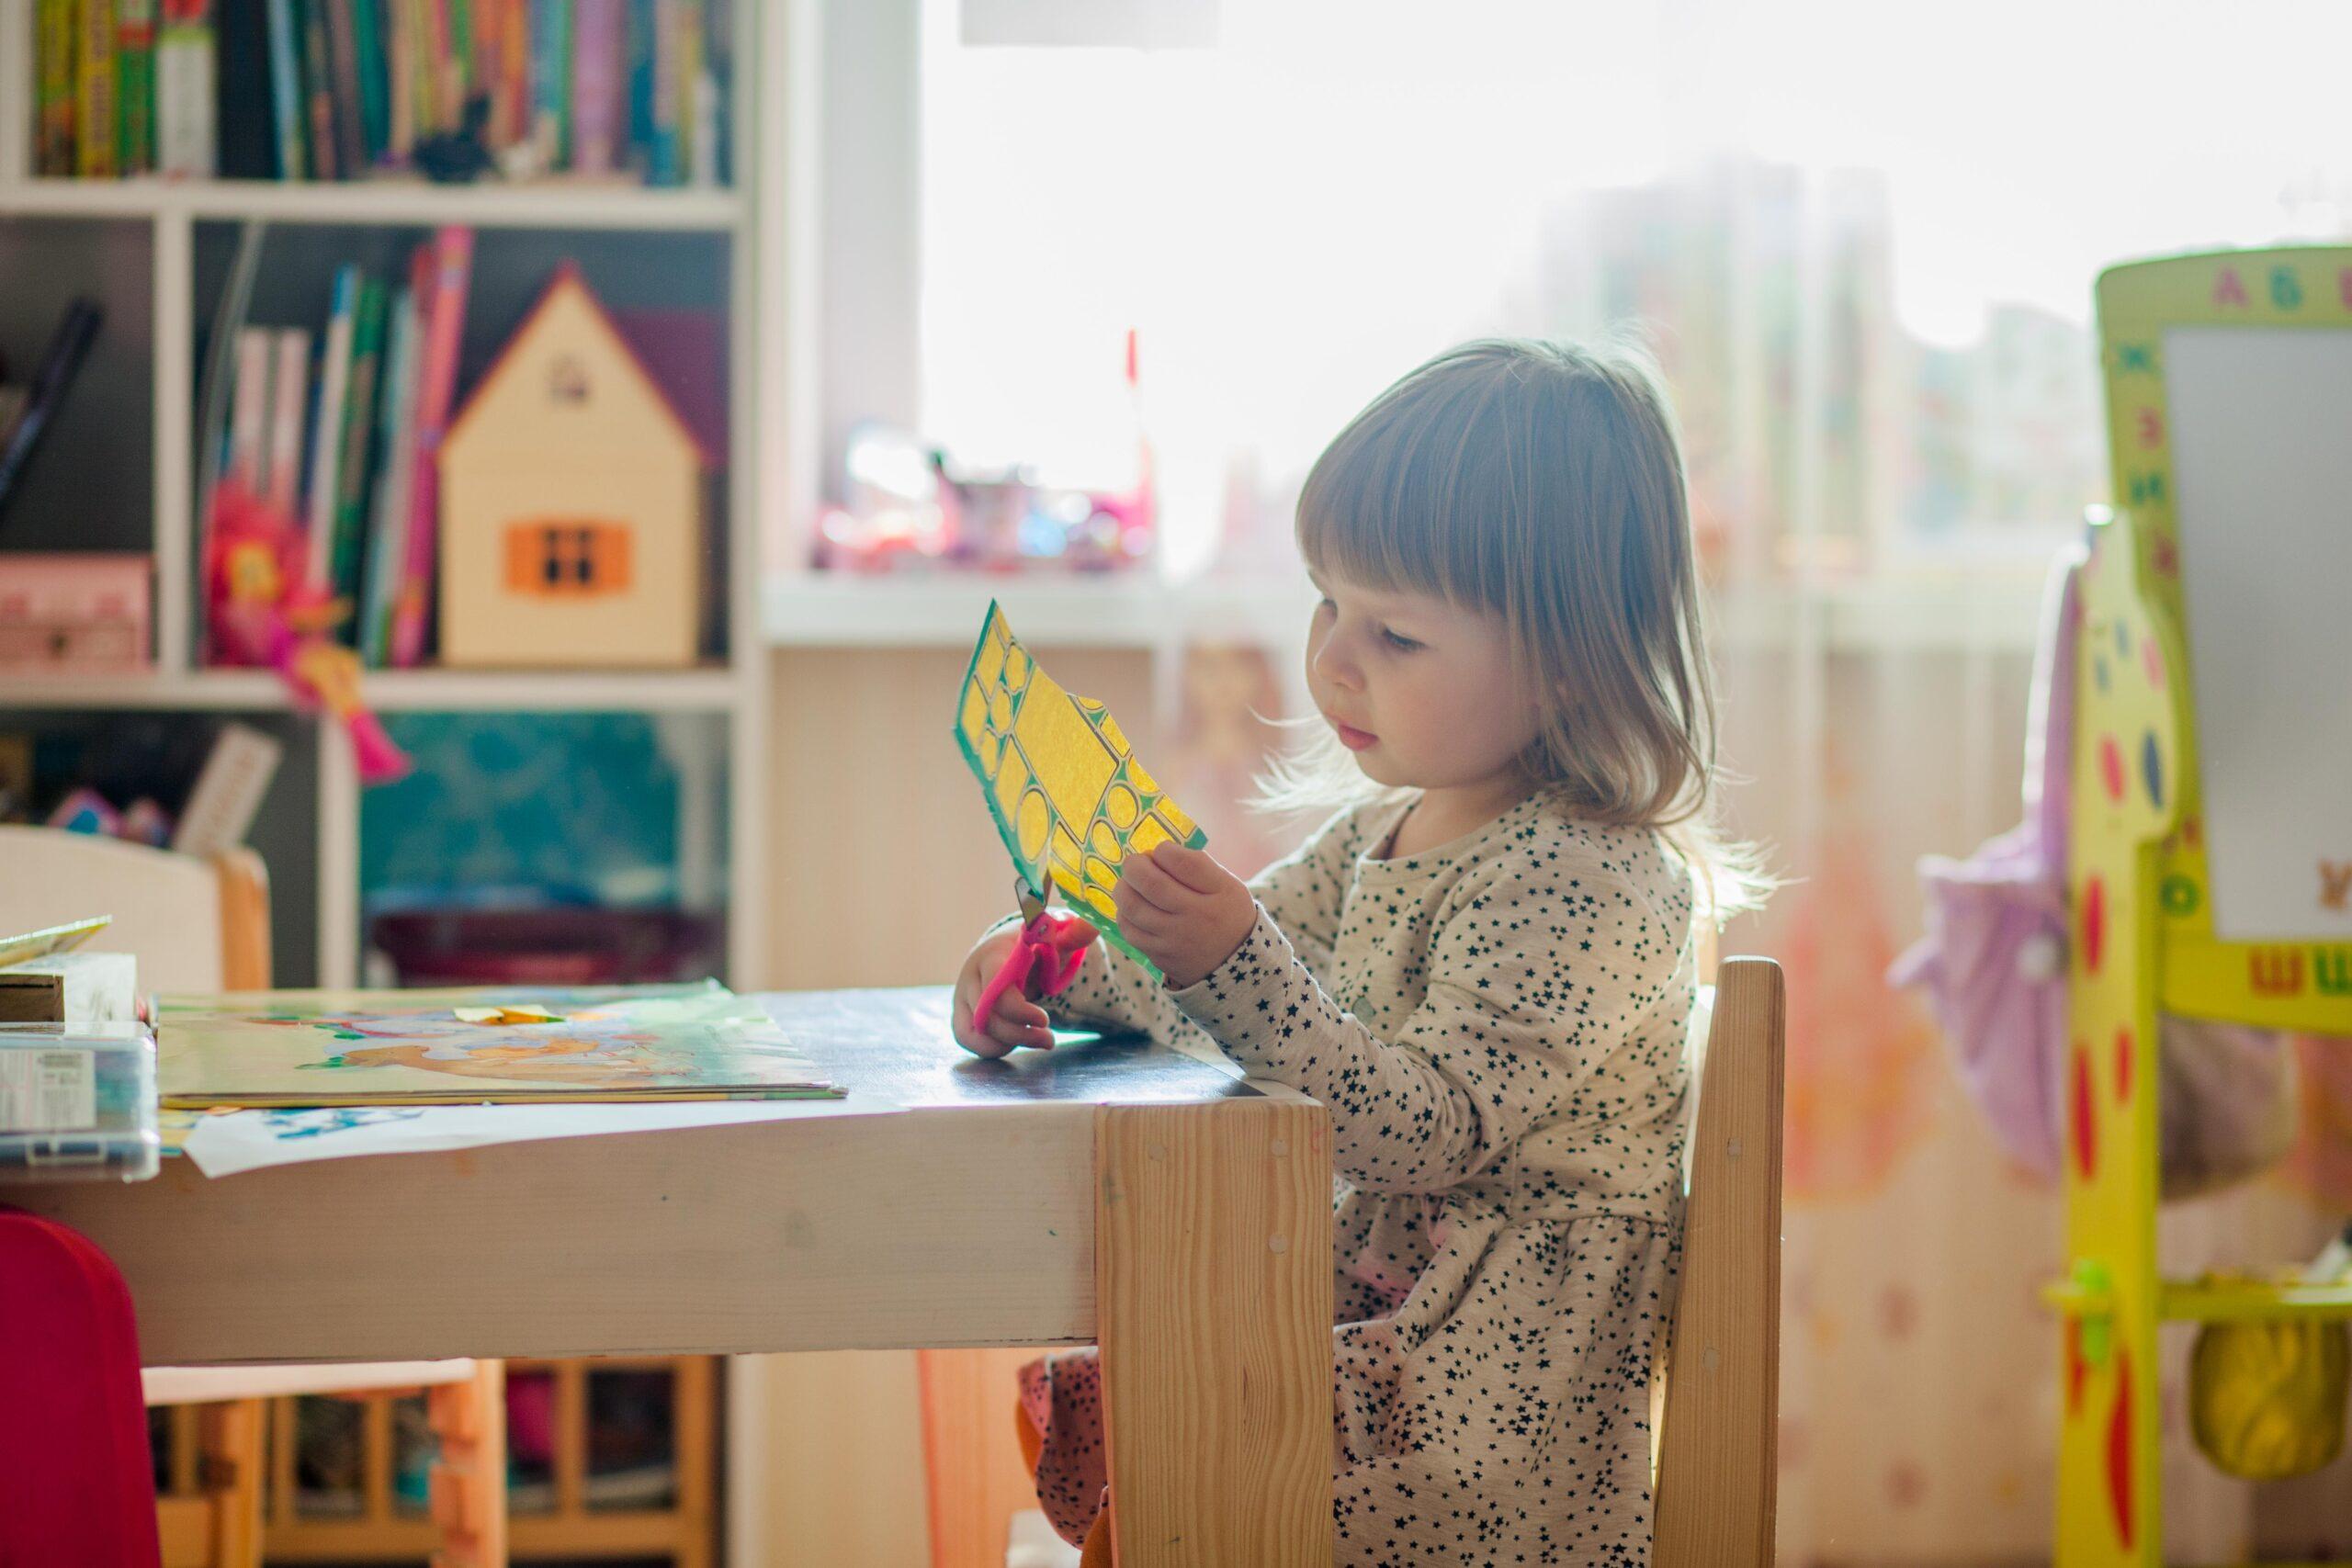 ¿Cómo se Aplica el Método Montessori en Casa y en el Aula?